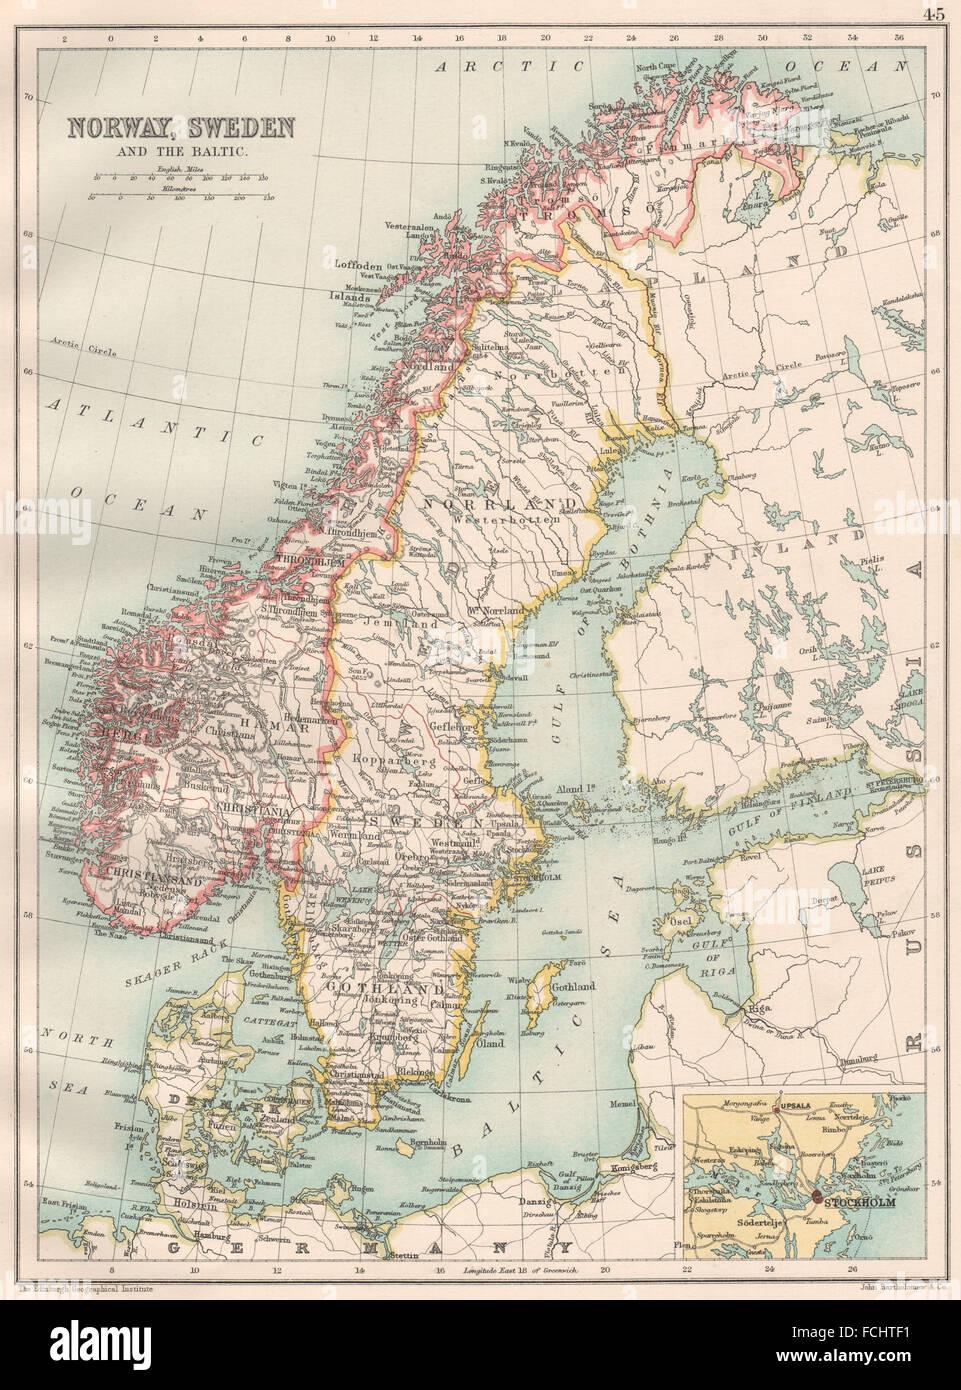 Karte Norwegen Dänemark.Skandinavien Norwegen Schweden Dänemark Ostsee Stockholm